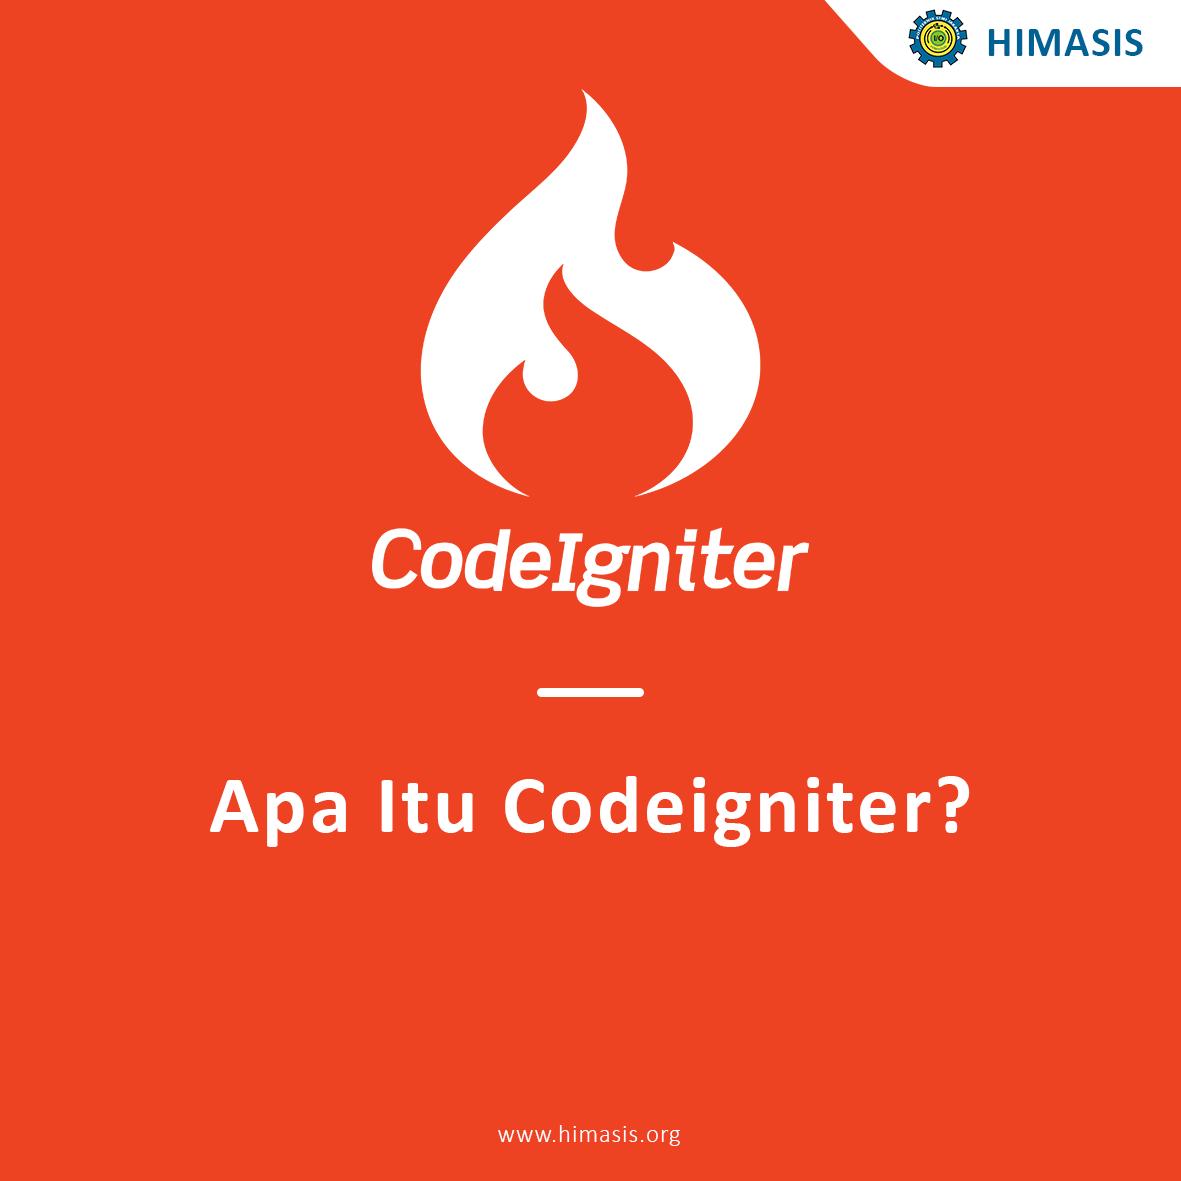 Apa itu codeigniter